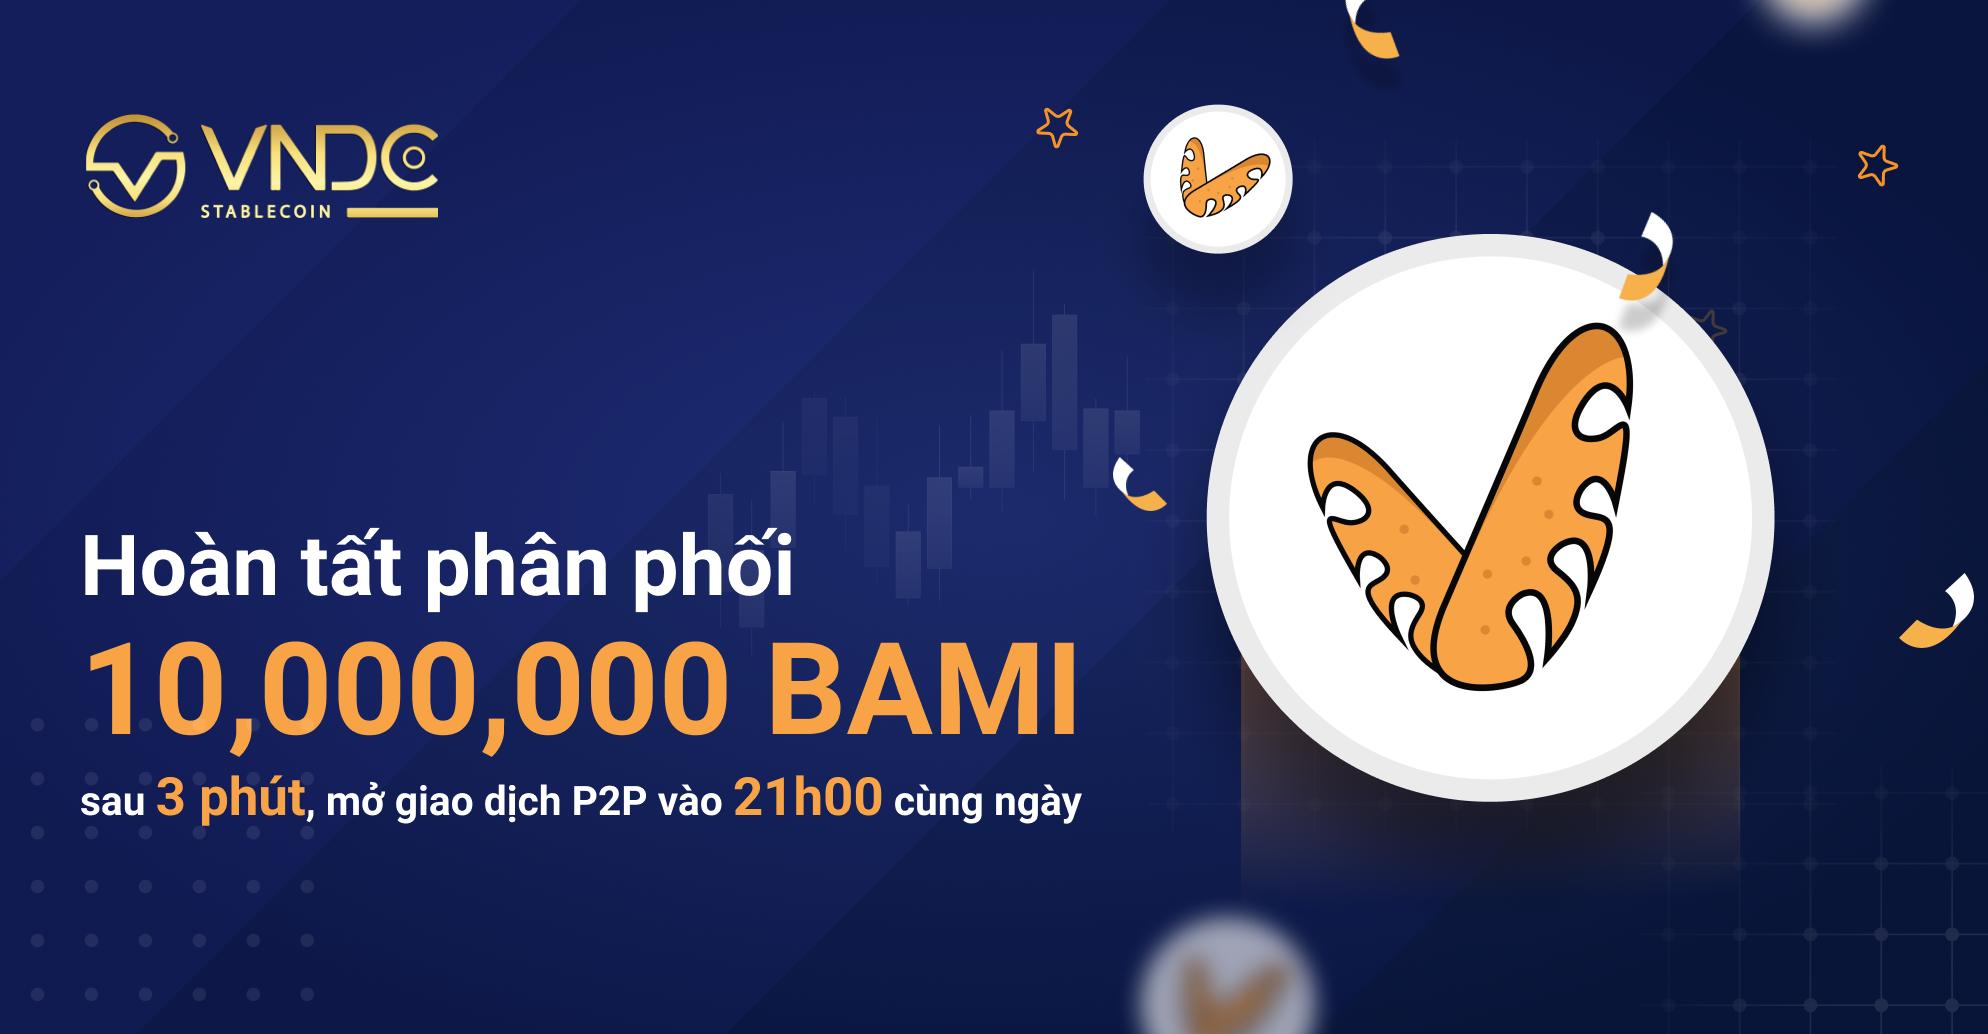 Hoàn tất phân phối 10 triệu BAMI trong 3 phút, mở giao dịch P2P từ 21:00 hôm nay (16/04)